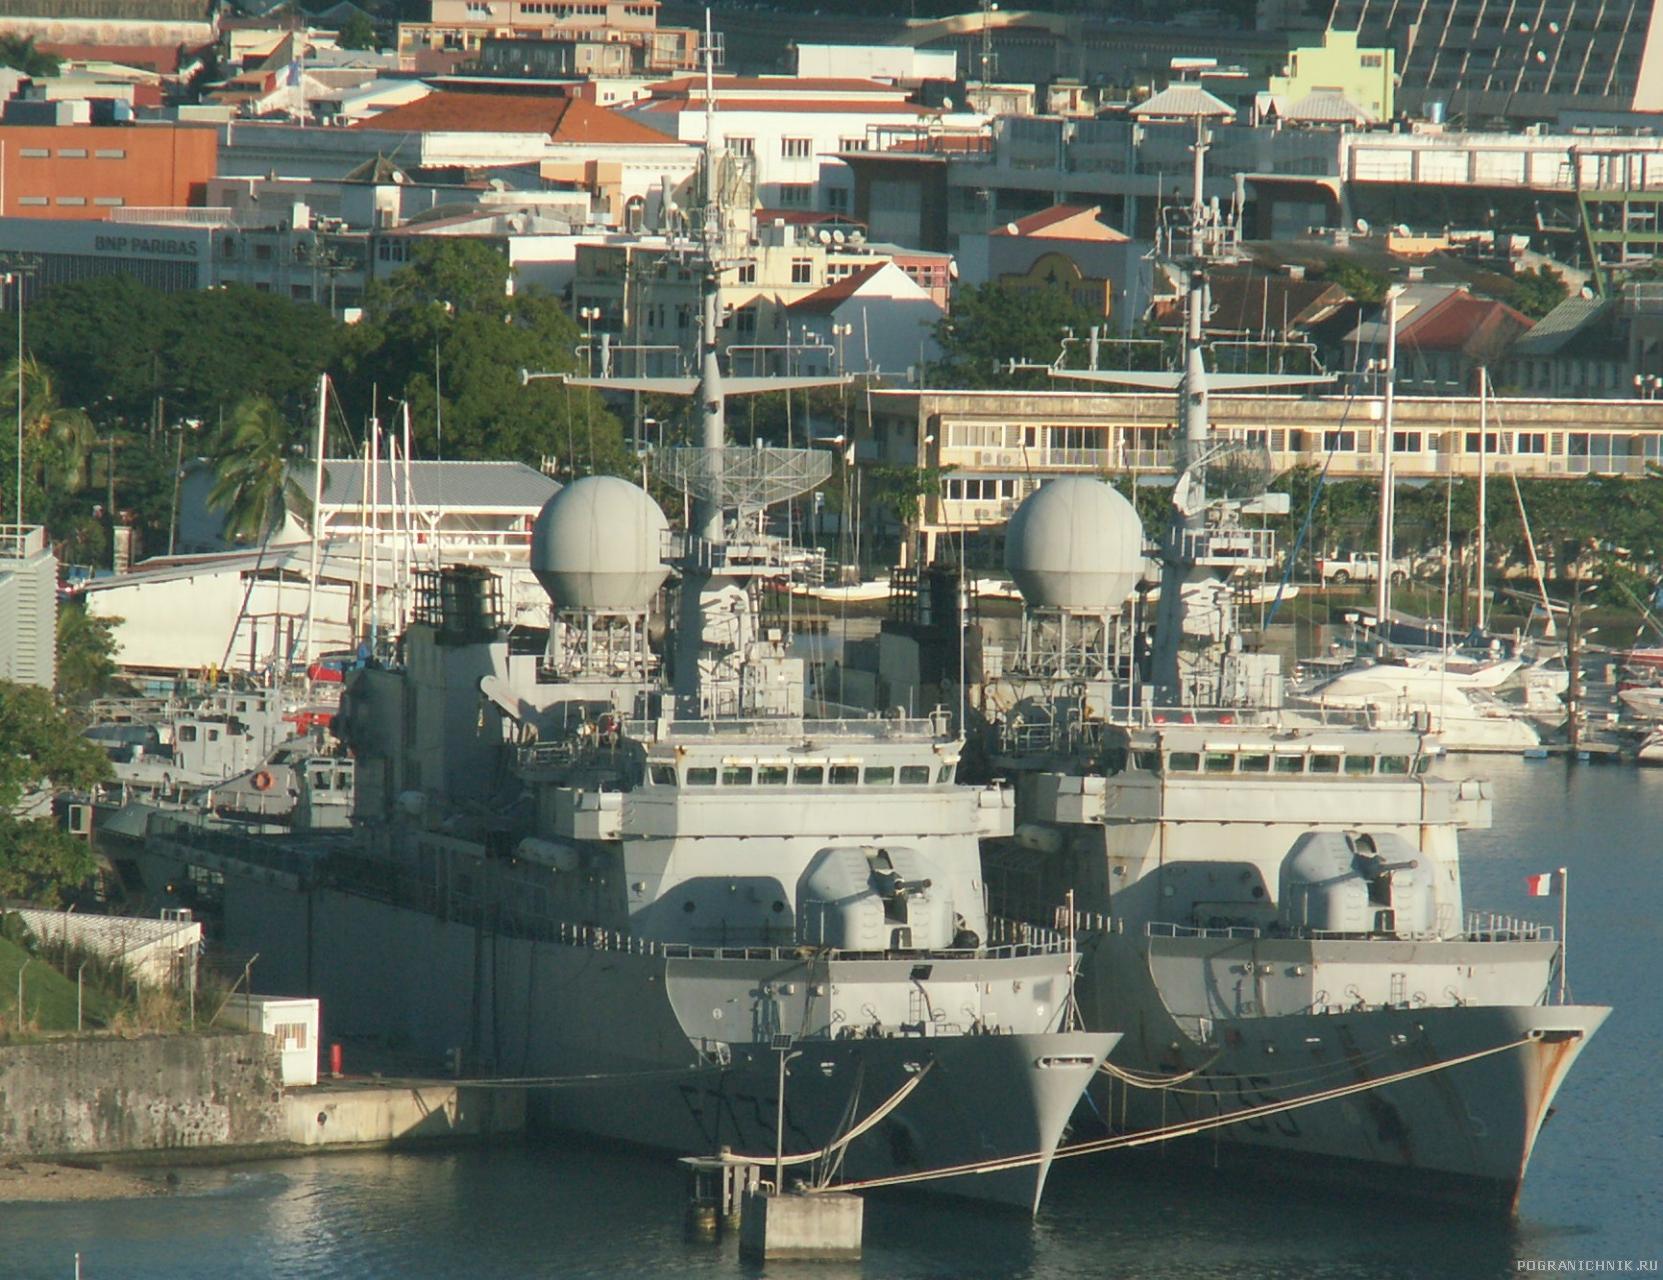 Фрегаты типа Флореаль Ventоse и Germinal ВМС Франции